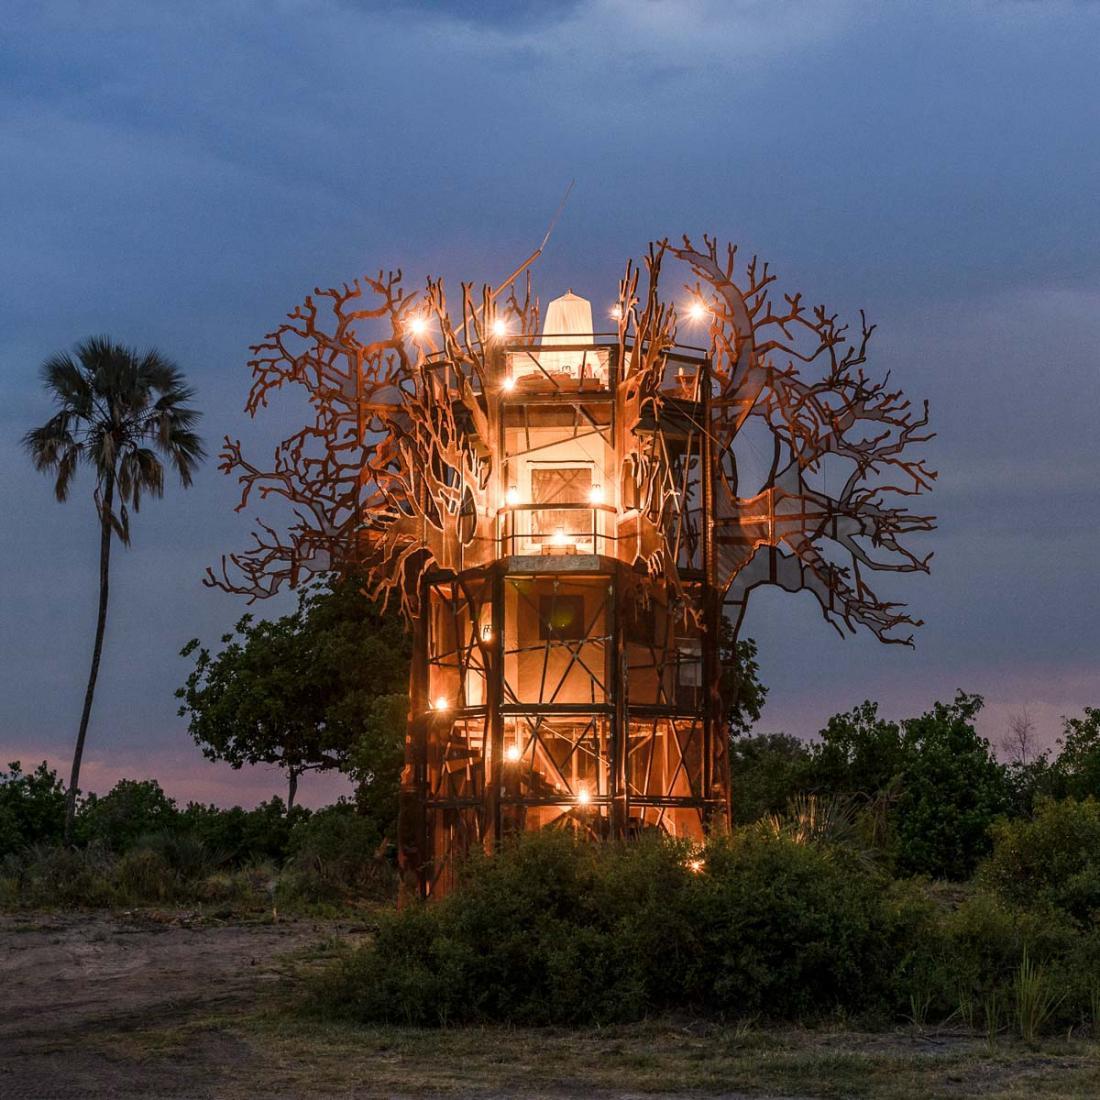 Le baobab en acier de trois étage, éloigné du camp, pour une vraie immersion